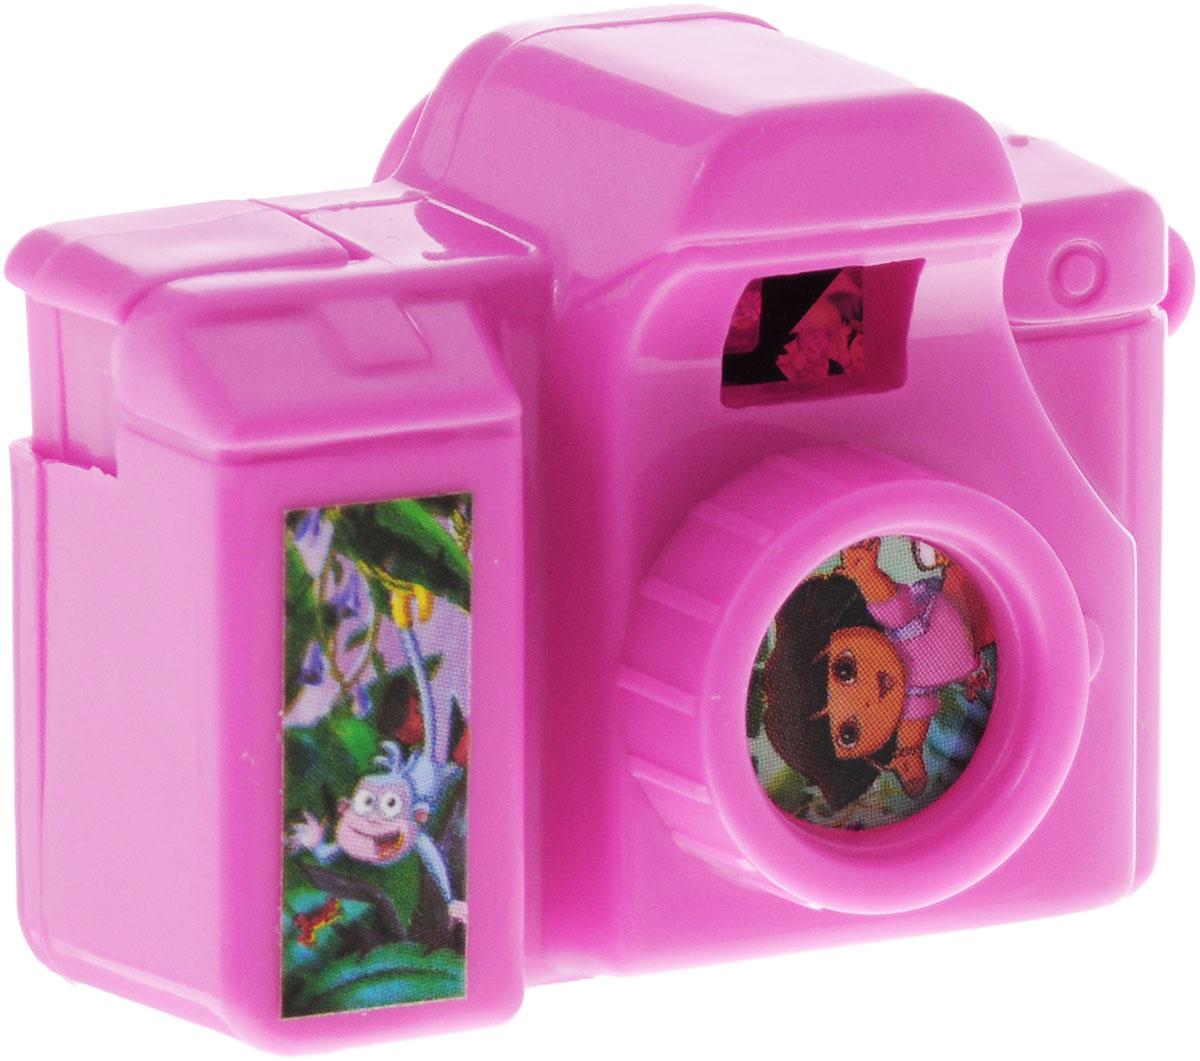 Веселая затея Фотоаппарат Даша-путешественница цвет розовый1507-1002Миниатюрный фотоаппарат Даша-путешественница розового цвета обязательно понравится вашему ребенку! При нажатии на специальную кнопку, меняются слайды о Дашиных приключениях. Картинки непременно заинтересуют юных путешественников. Сбоку есть петелька, через которую можно протянуть ленточку и повесить фотоаппарат на браслет или рюкзачок.